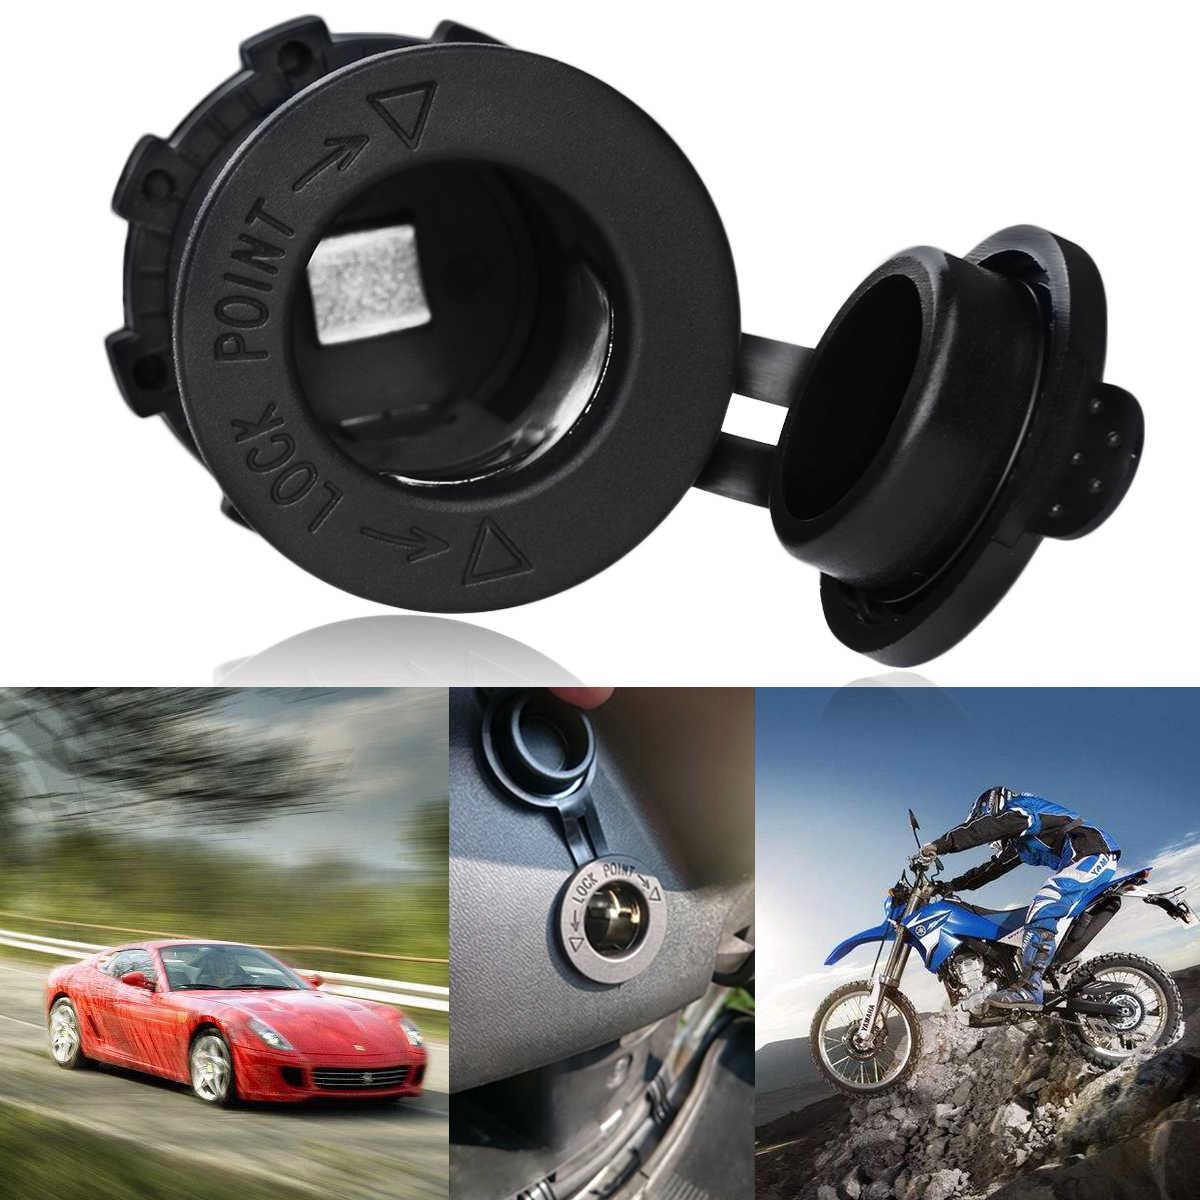 1pc Universal Car Motorbike Cigarette Lighter Power Supply Socket Outlet Adapter Plug 12V-24V Waterproof Marine Boat (Black)